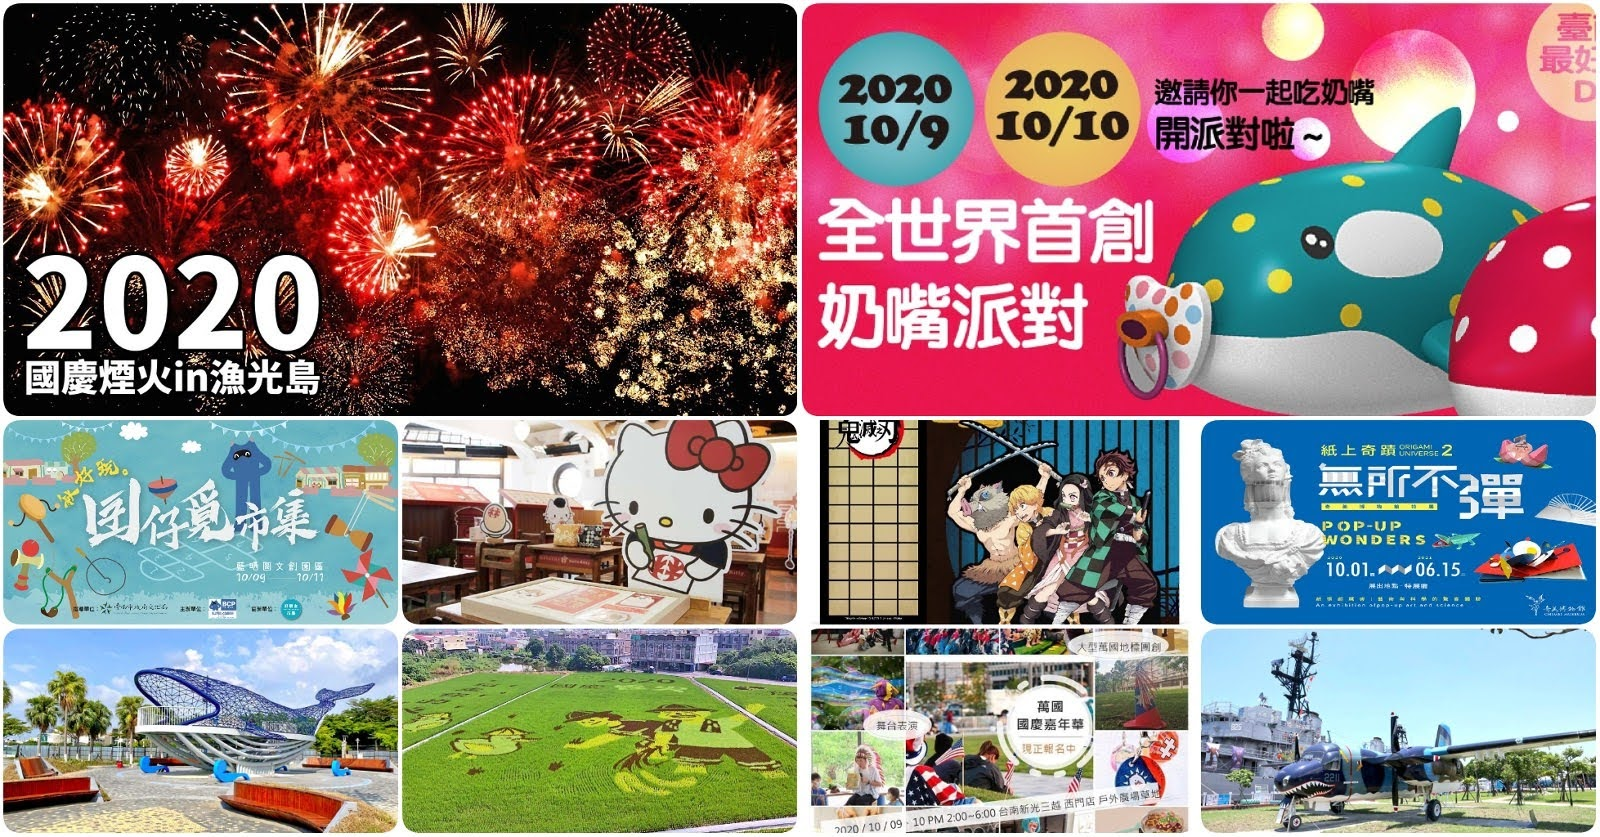 [活動] 2020/10/9-/10/11|台南週末活動整理|國慶特別版|本週末資訊數:80